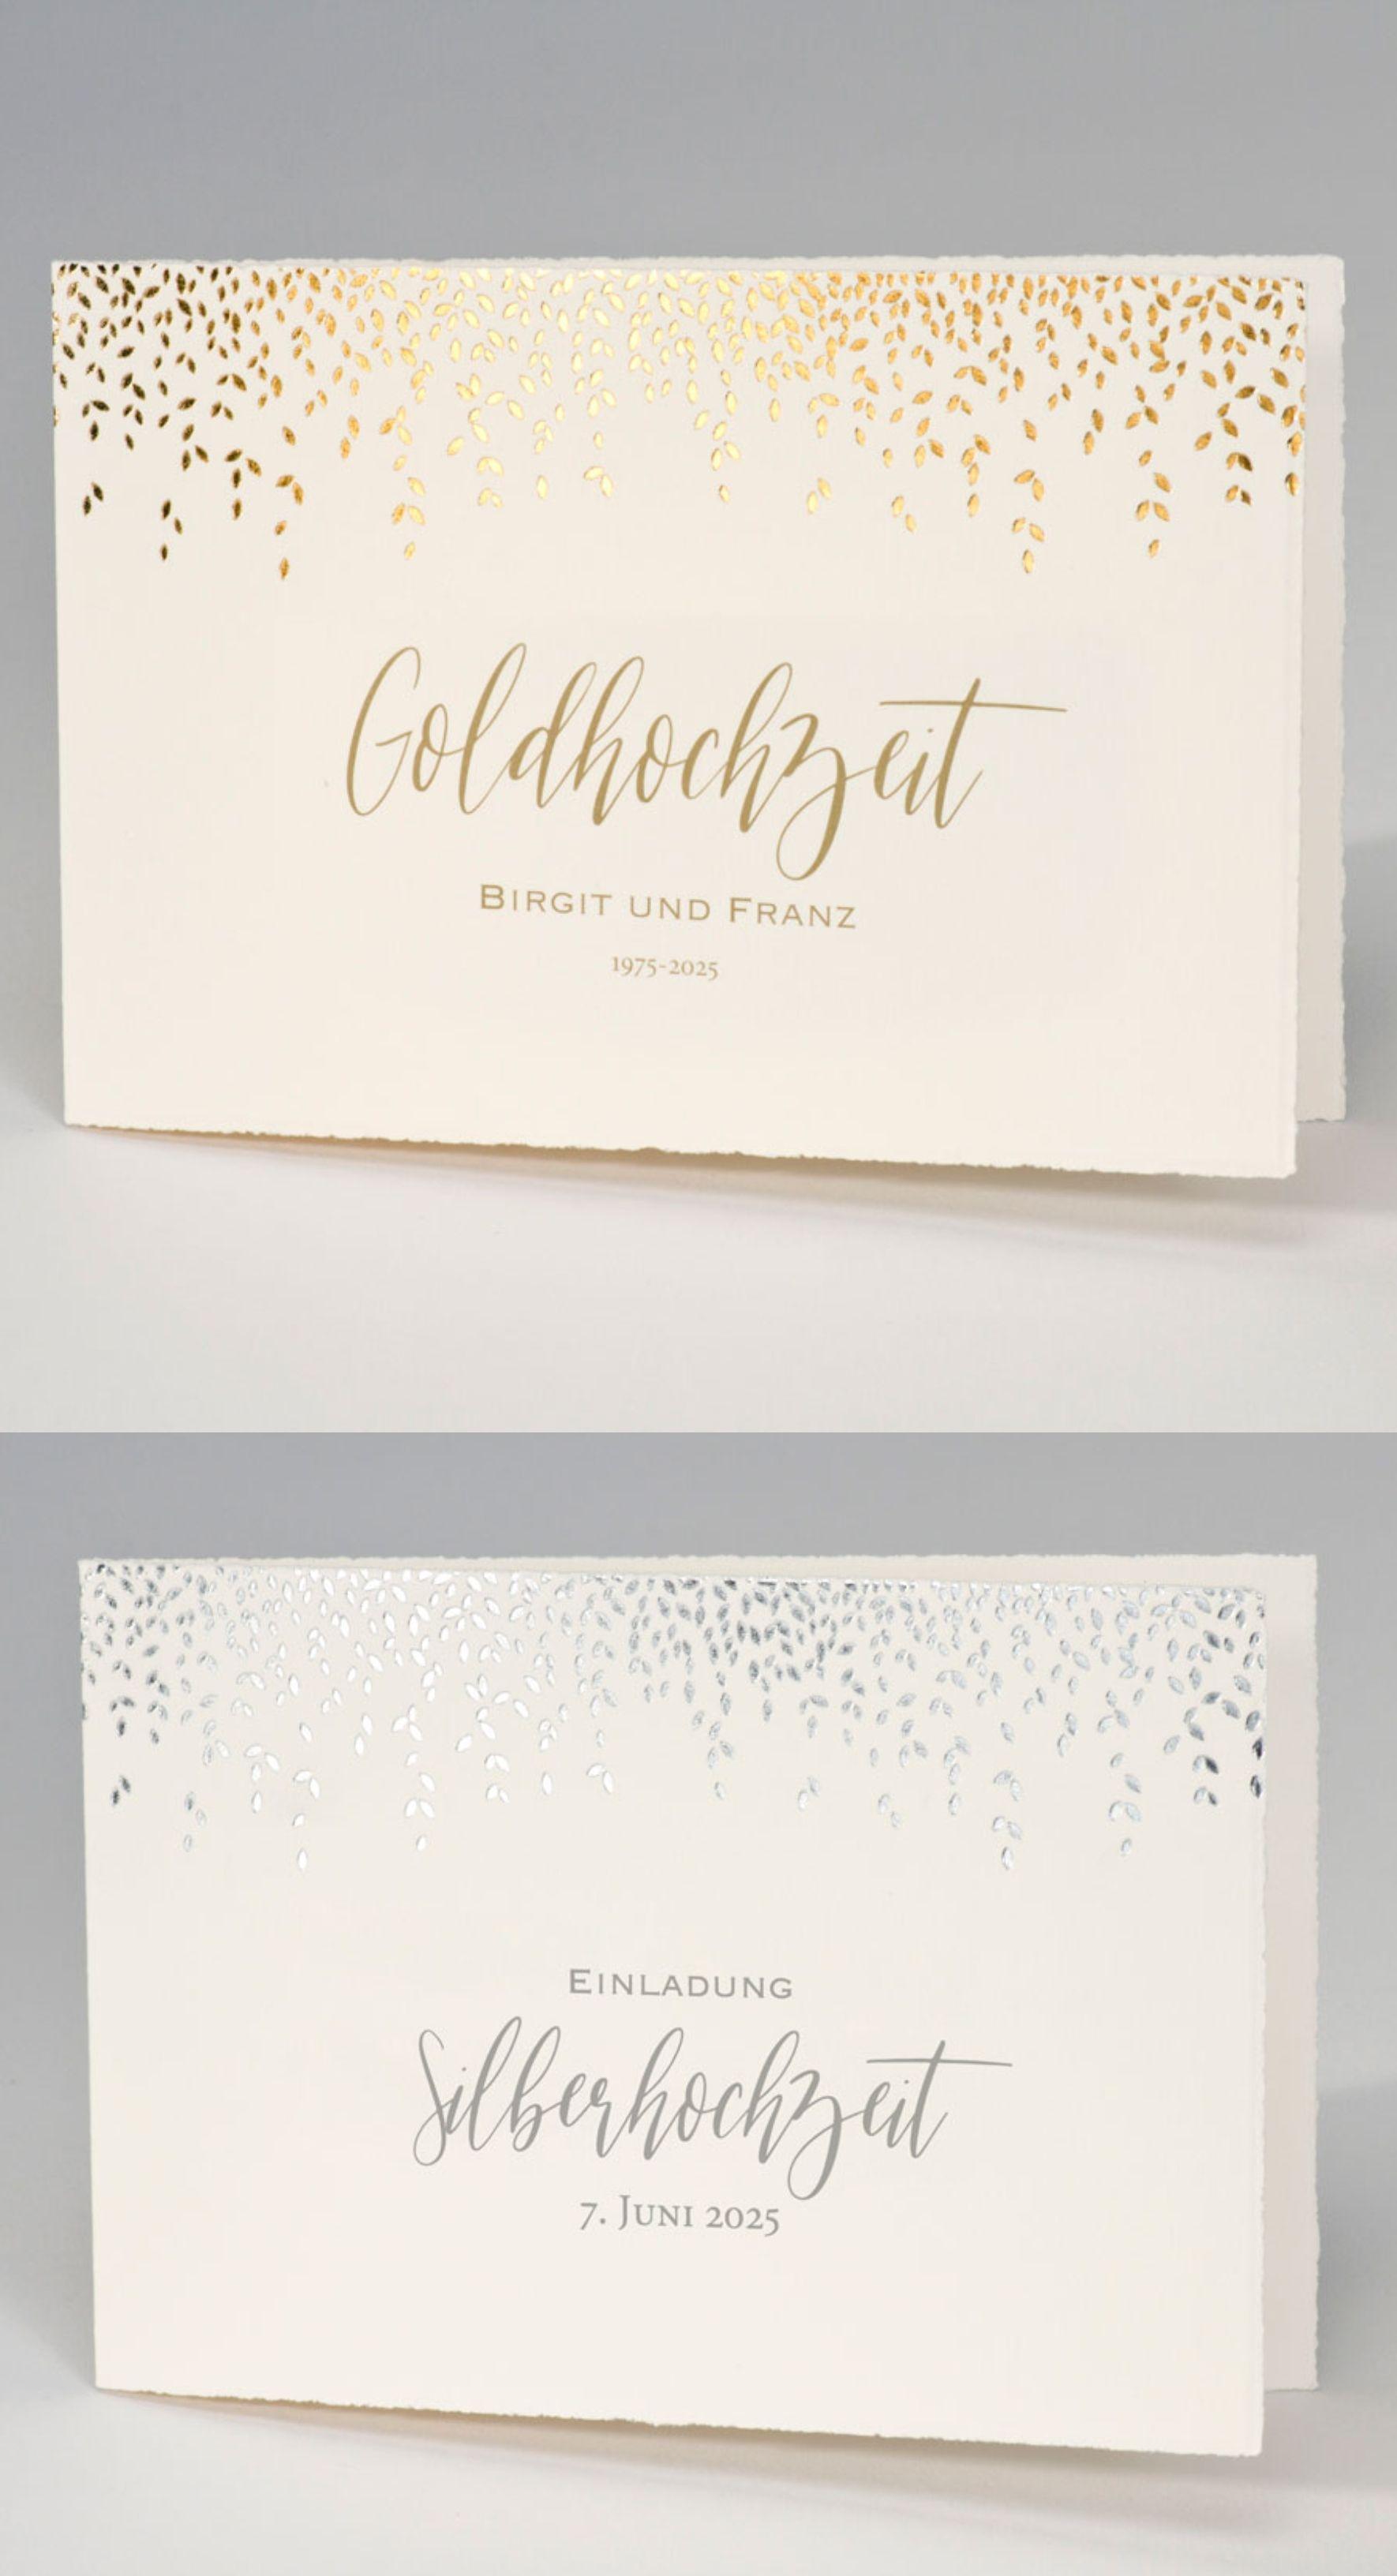 wunderschöne einladungskarten zur #goldhochzeit oder #